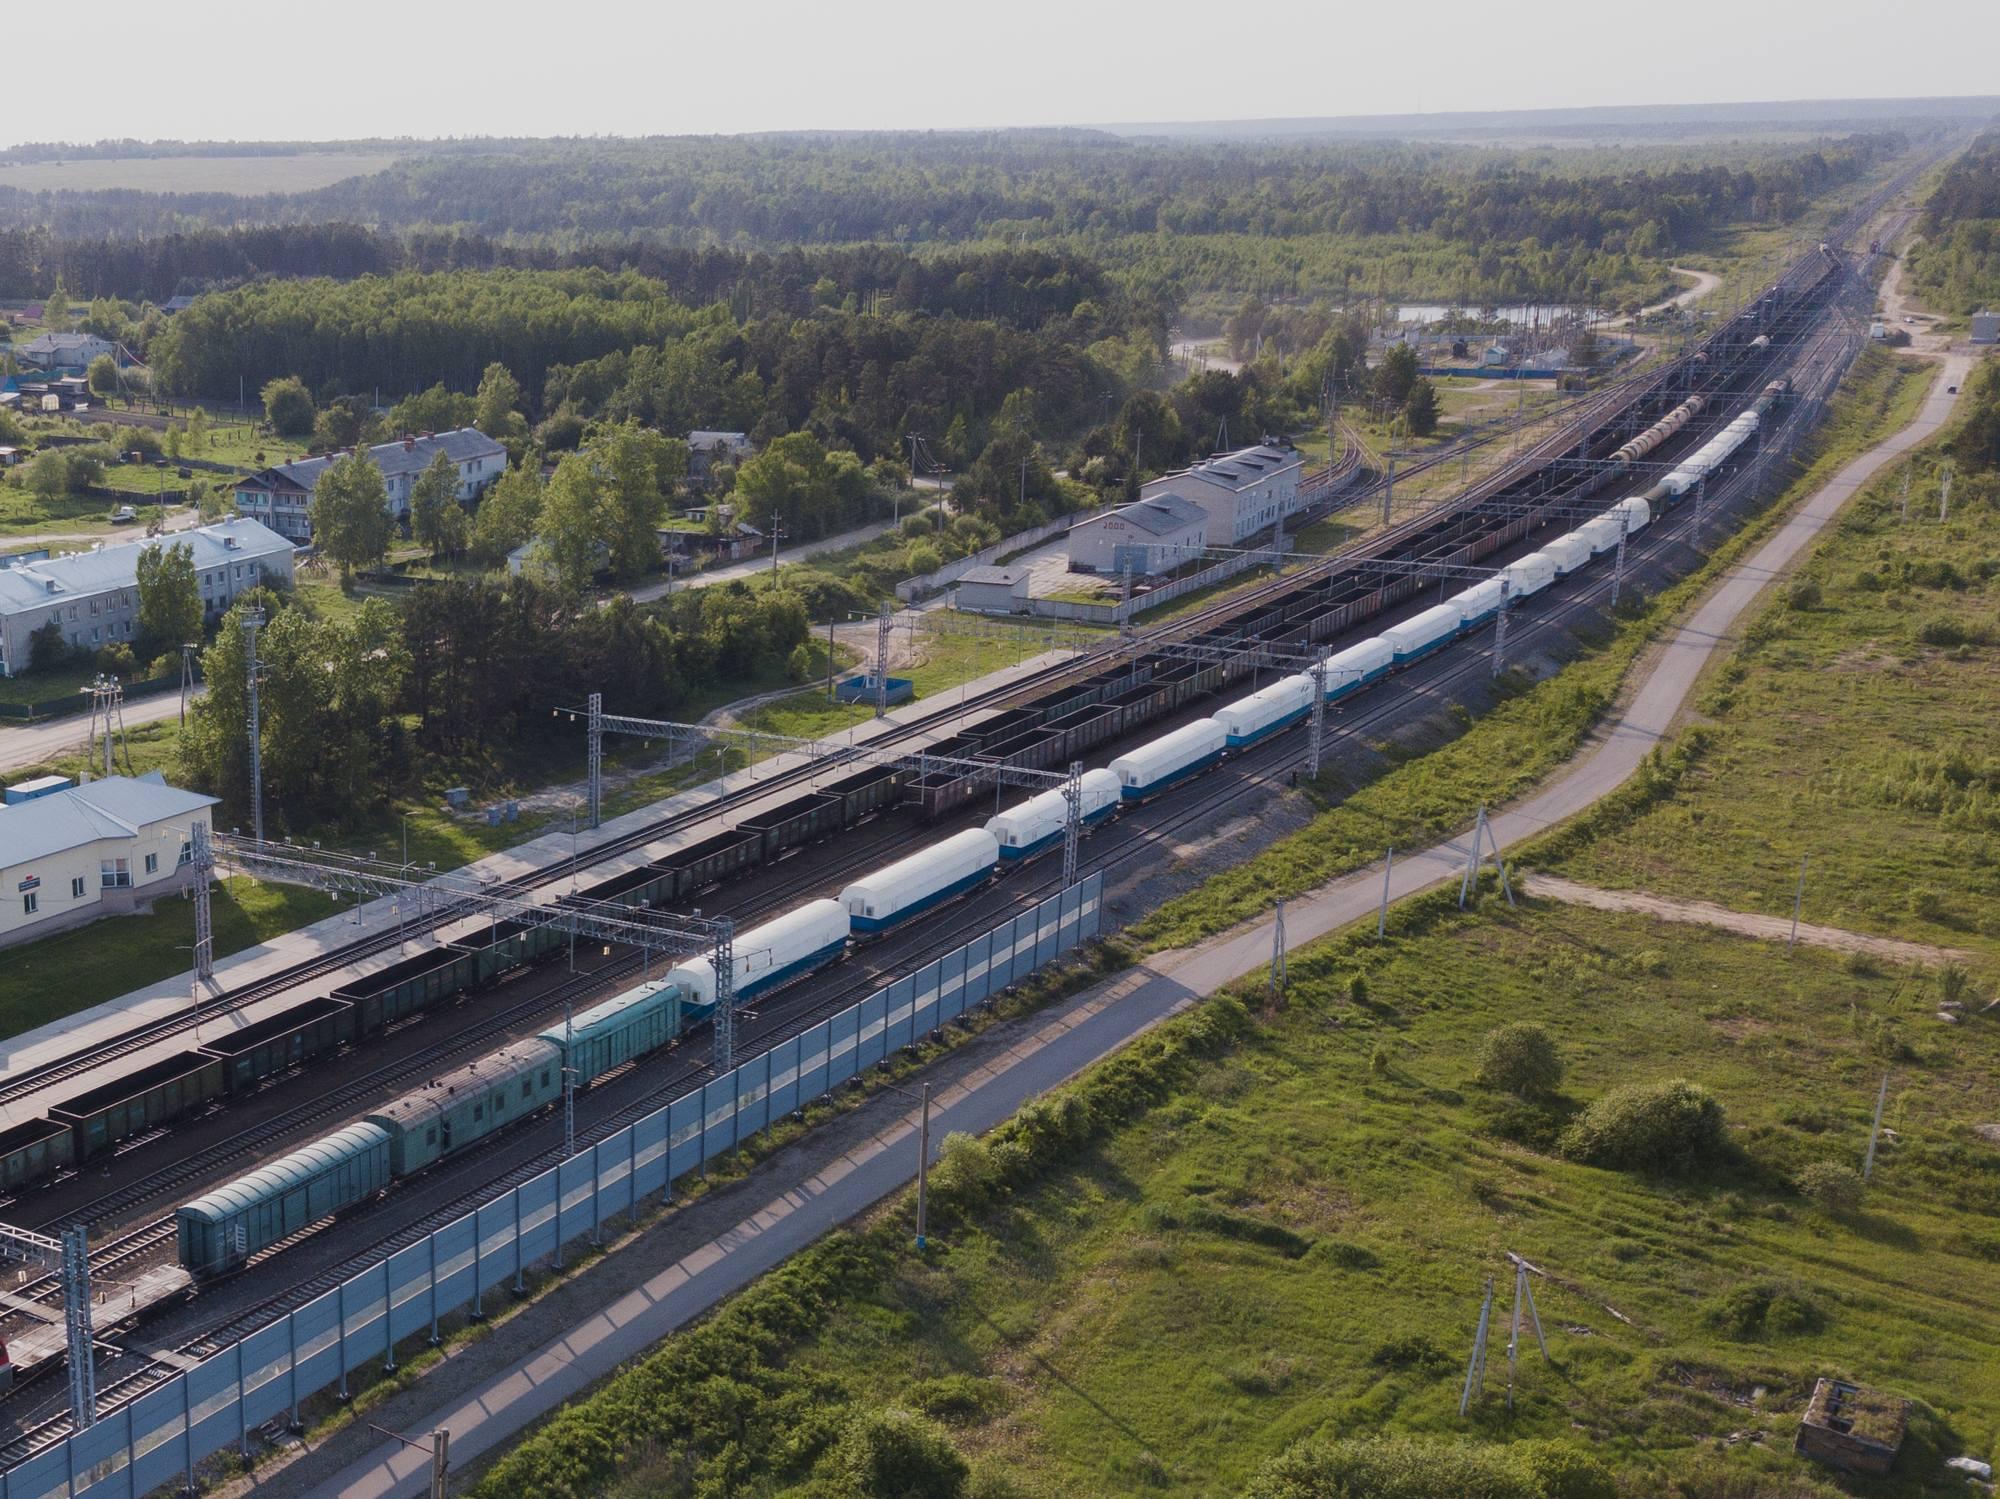 Le convoi arrive à la gare Ledyanaya (glace en russe).